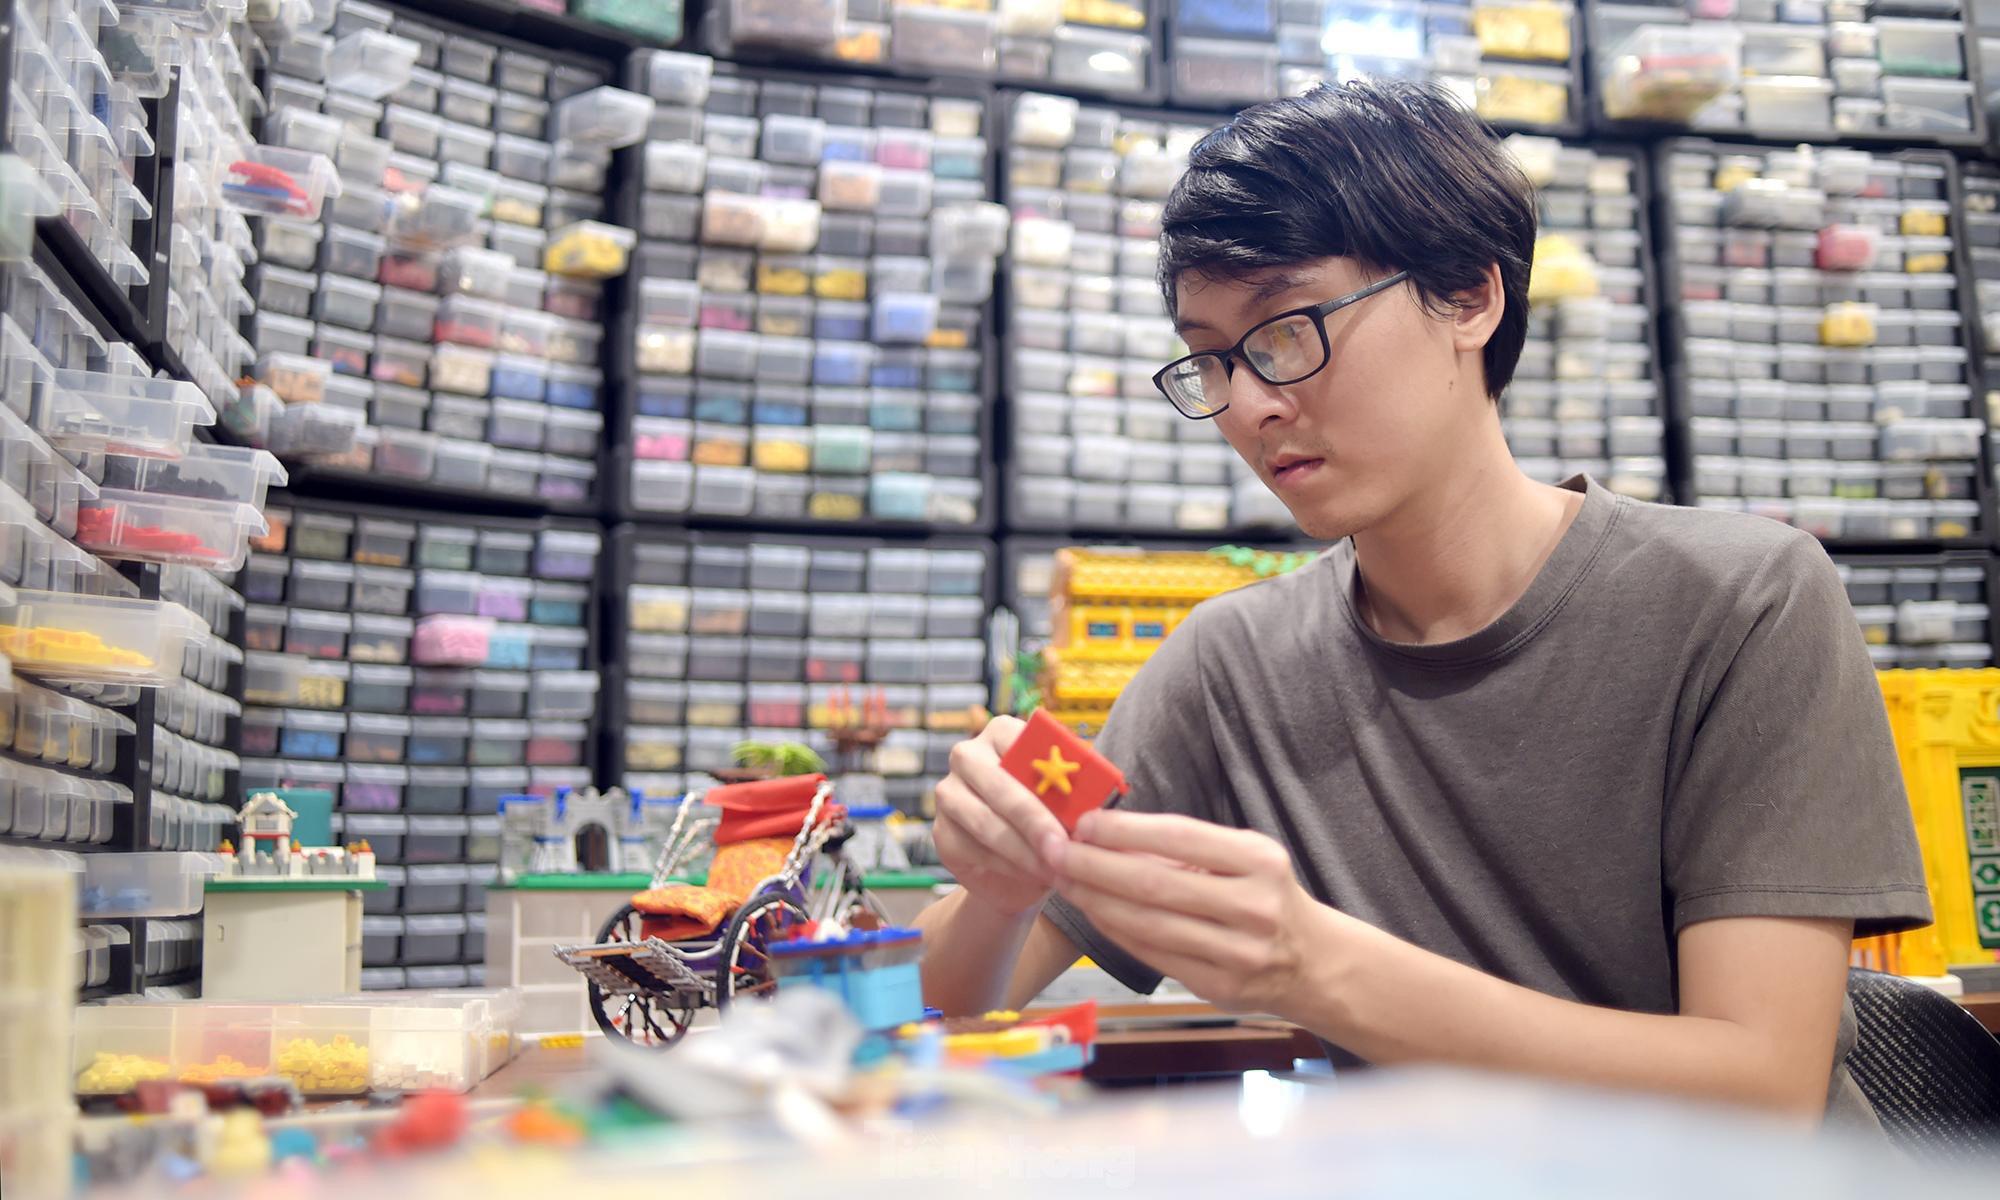 """Chàng trai Việt """"đóng"""" tàu Hoàng Sa, Trường Sa từ mô hình Lego, tri ân ngư dân bám biển - Ảnh 2."""